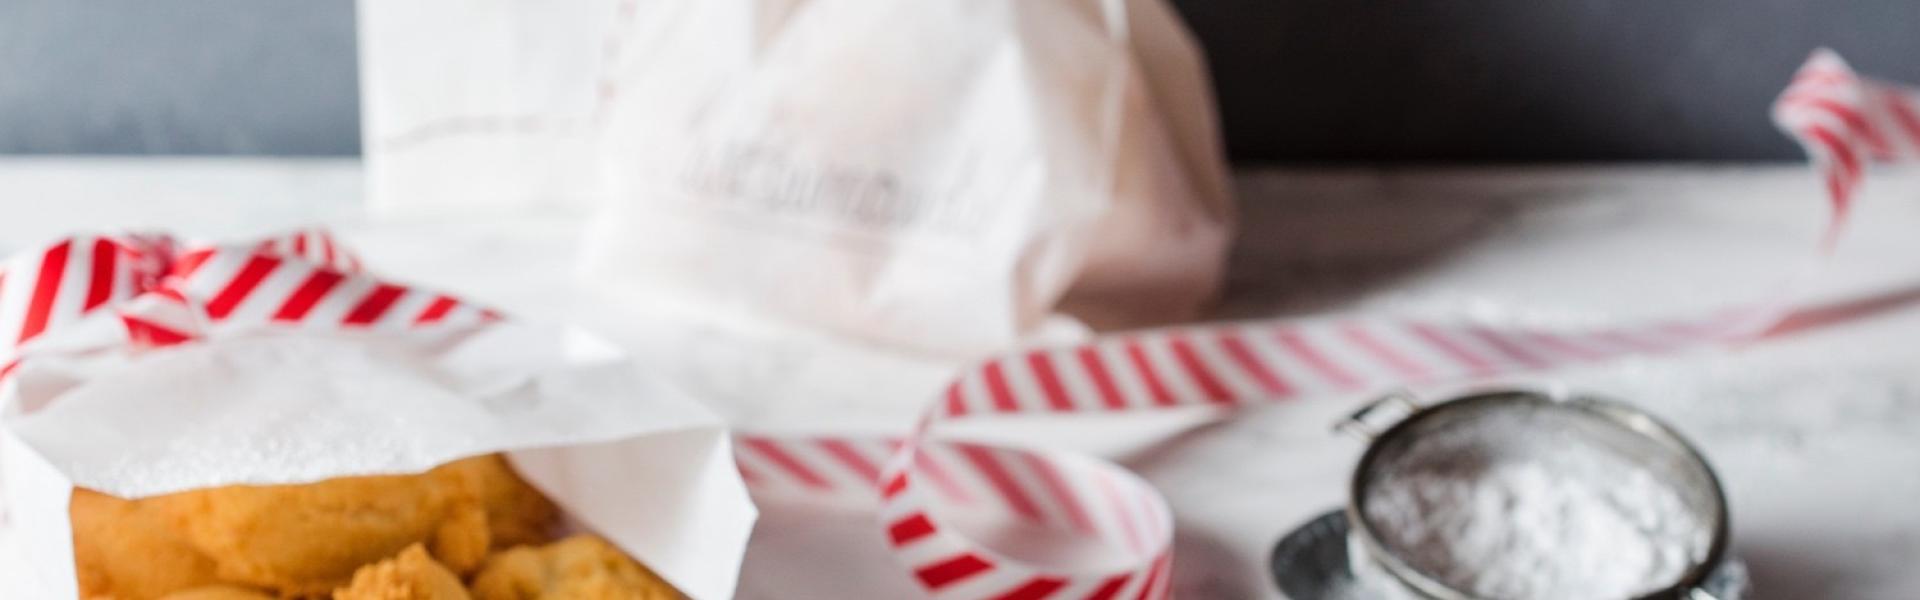 Mutzenmandeln auf Tablett und abgepackt in weißer Butterbrottüte.